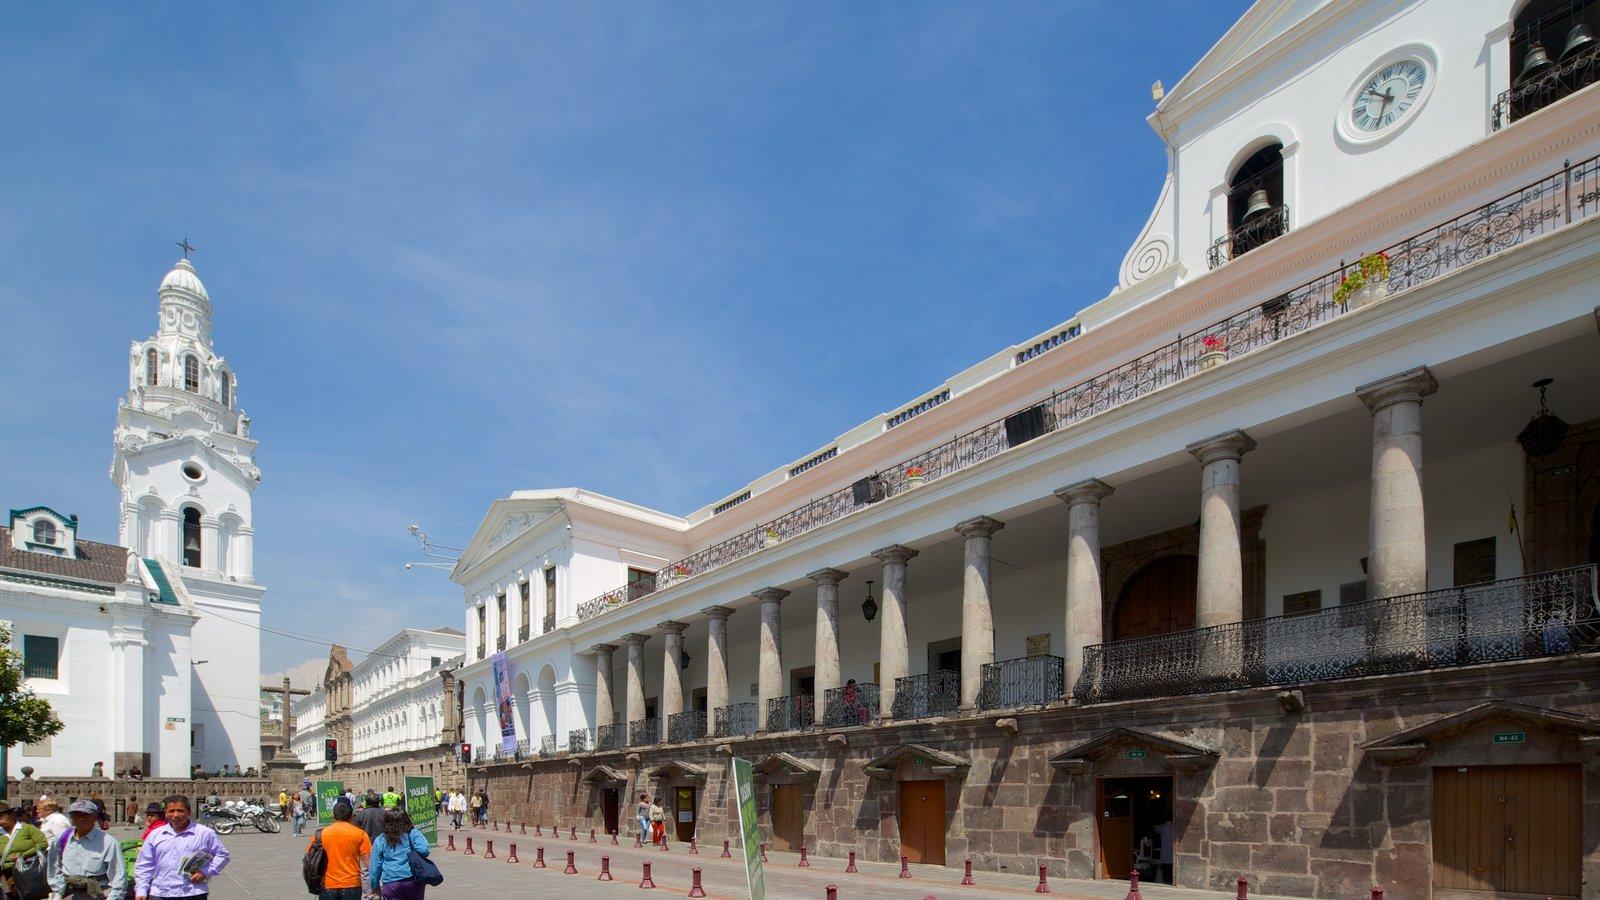 Palácio de Carondelet mostrando cenas de rua